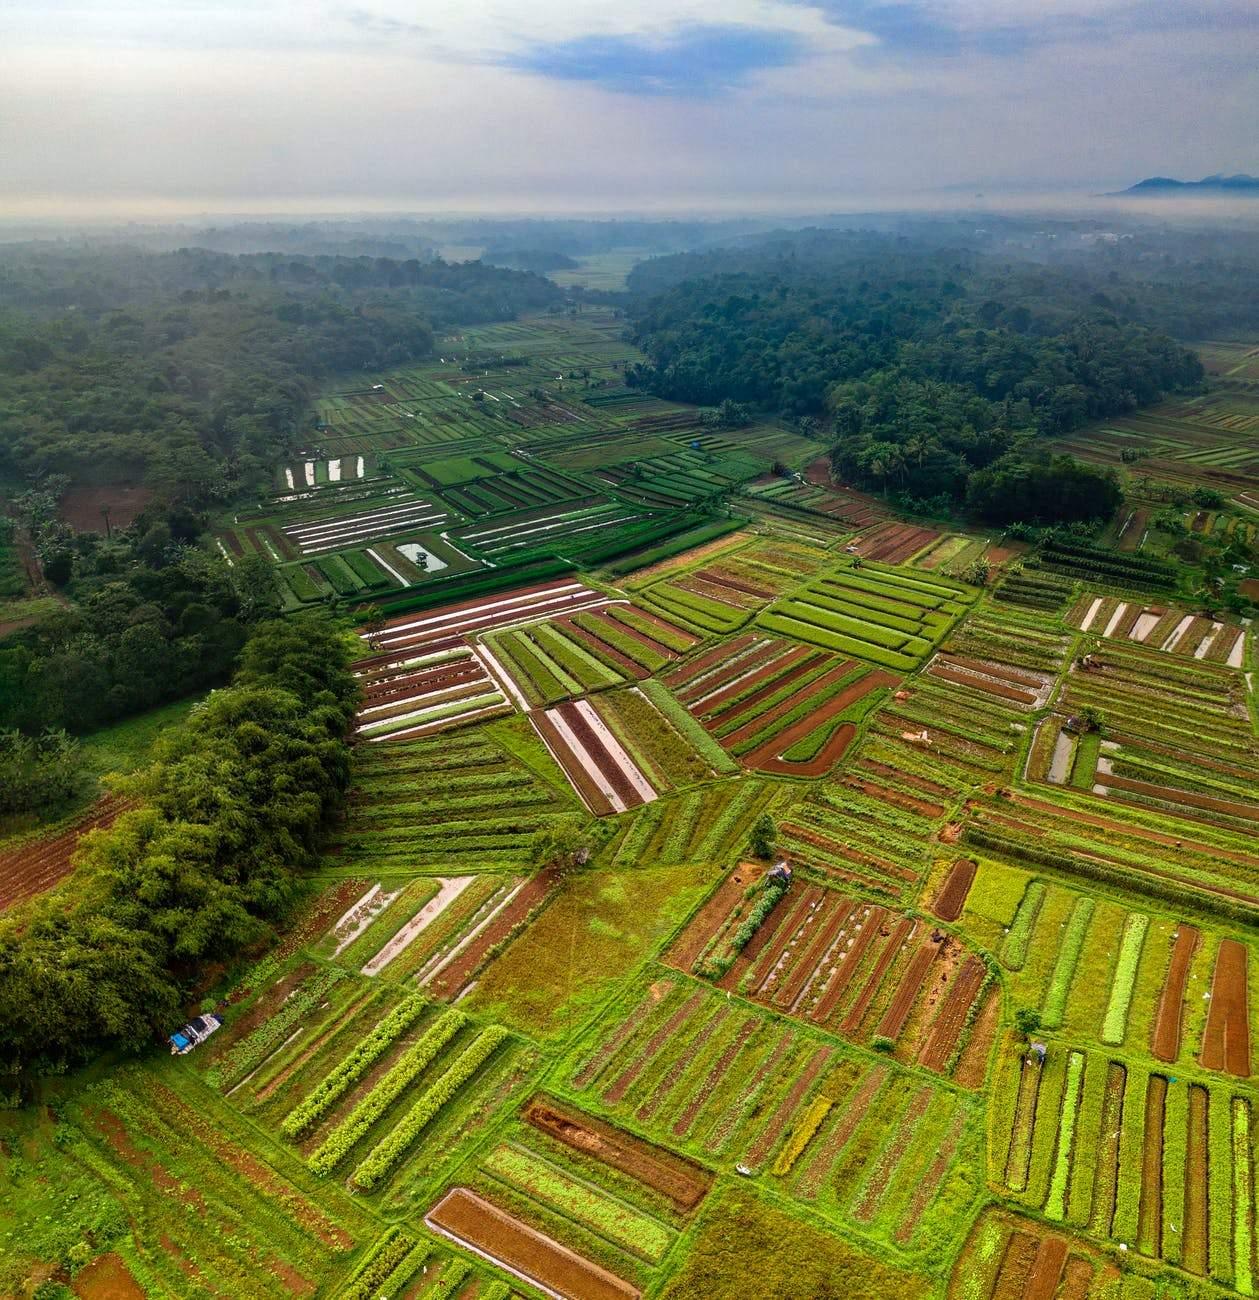 Як вироблення їжі впливає на екологію